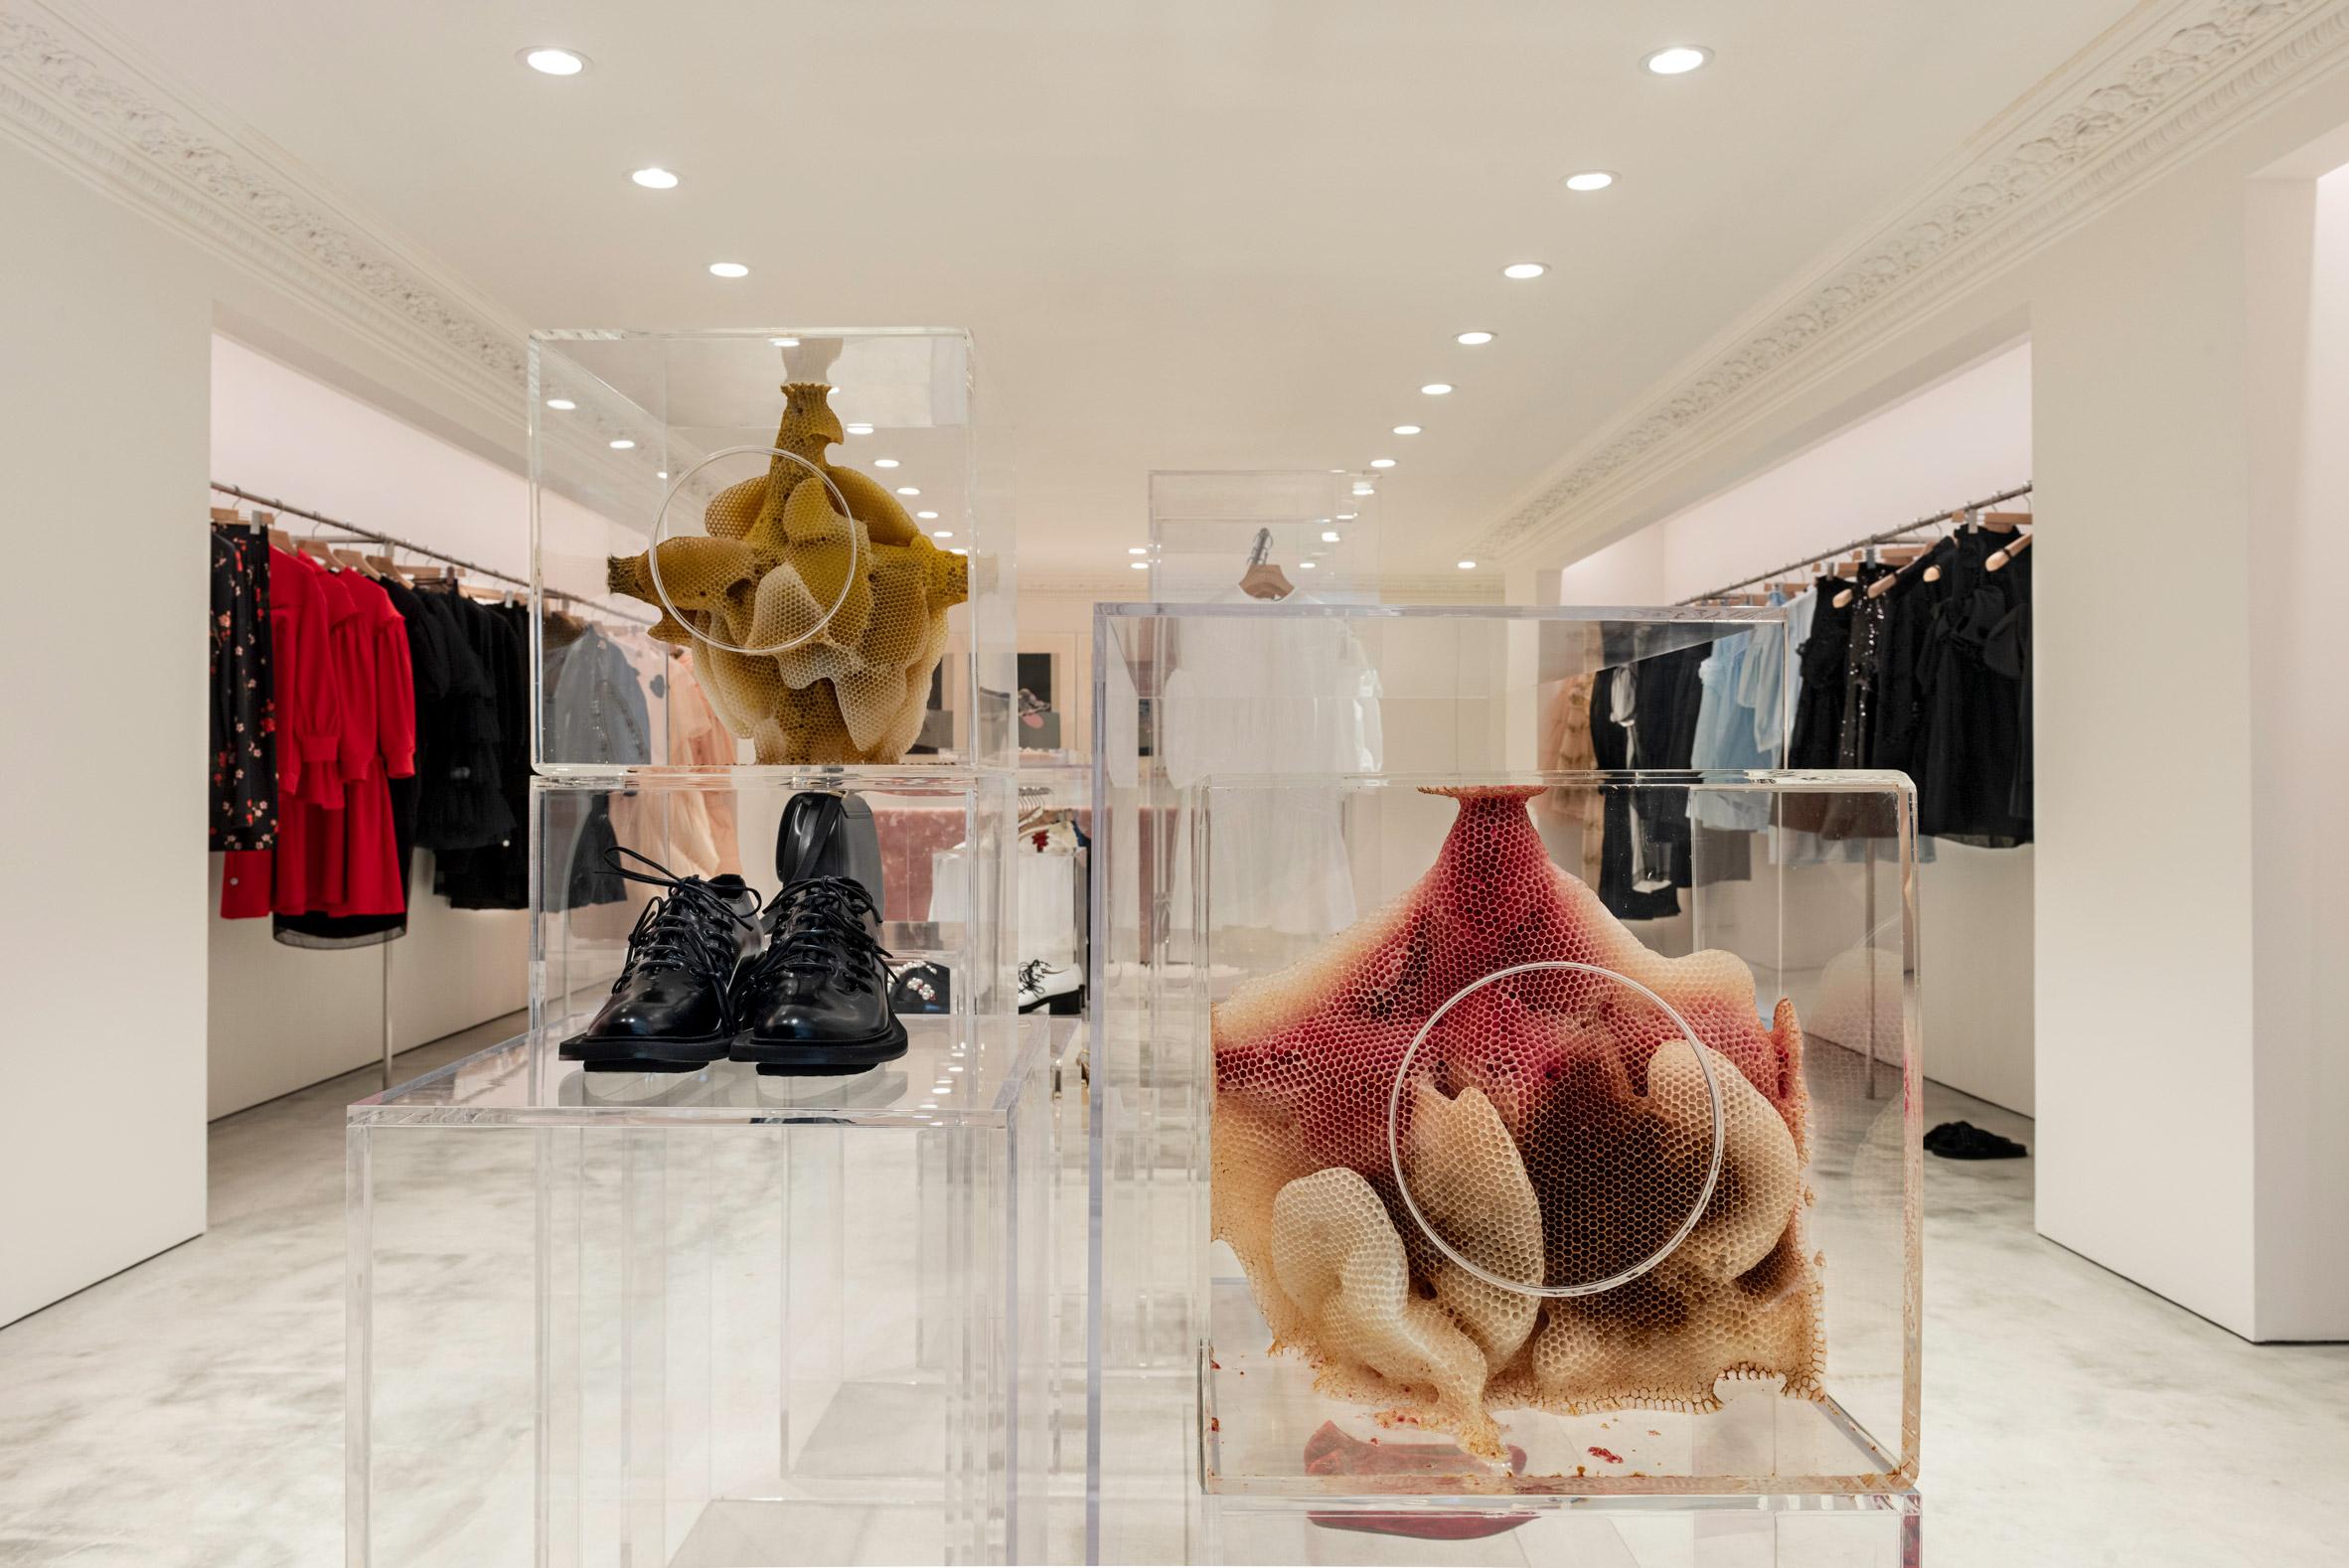 Simone Rocha Hong Kong store